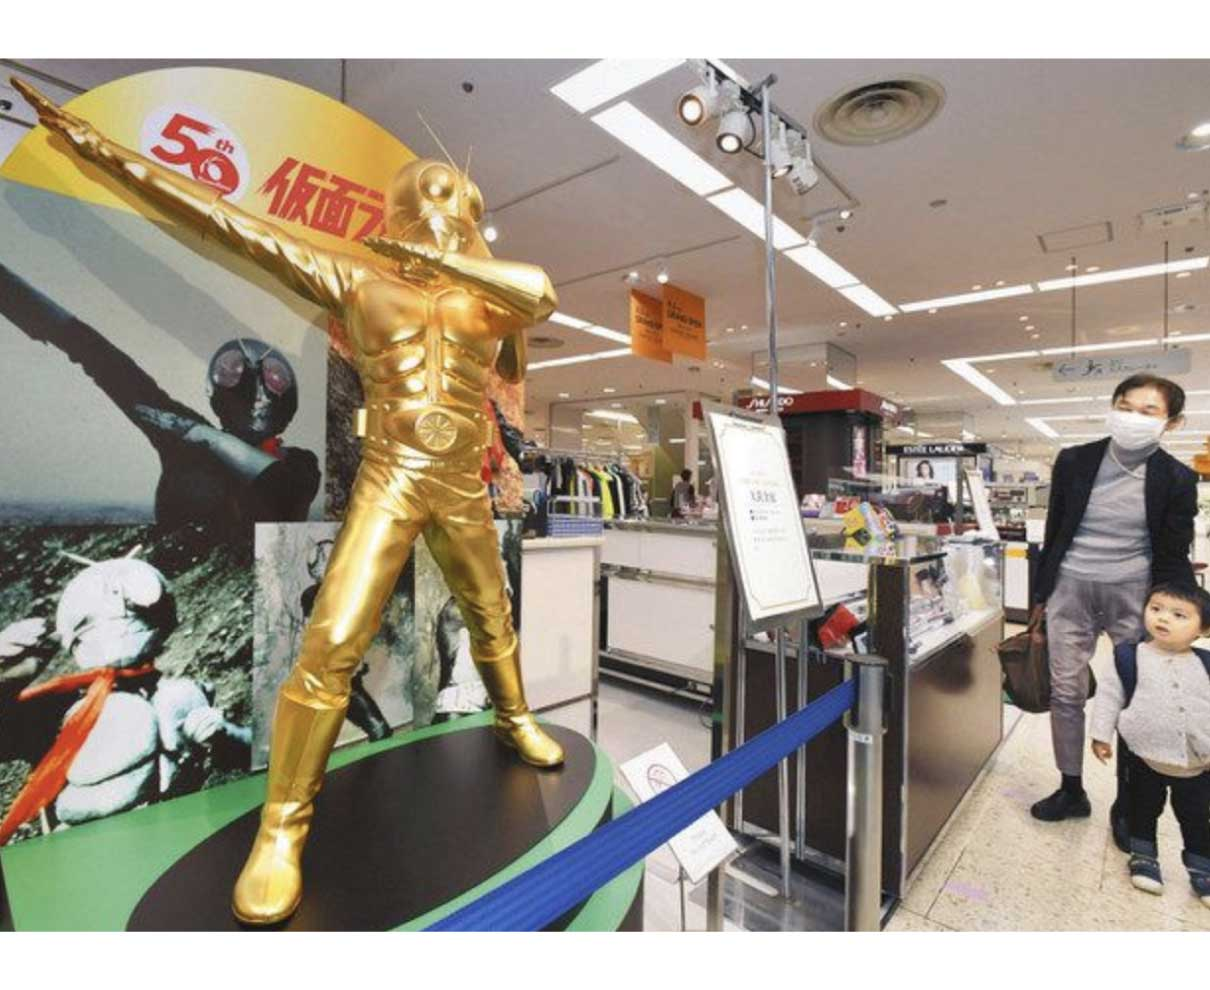 黄金の仮面ライダーも登場 西武福井店で「大黄金展」